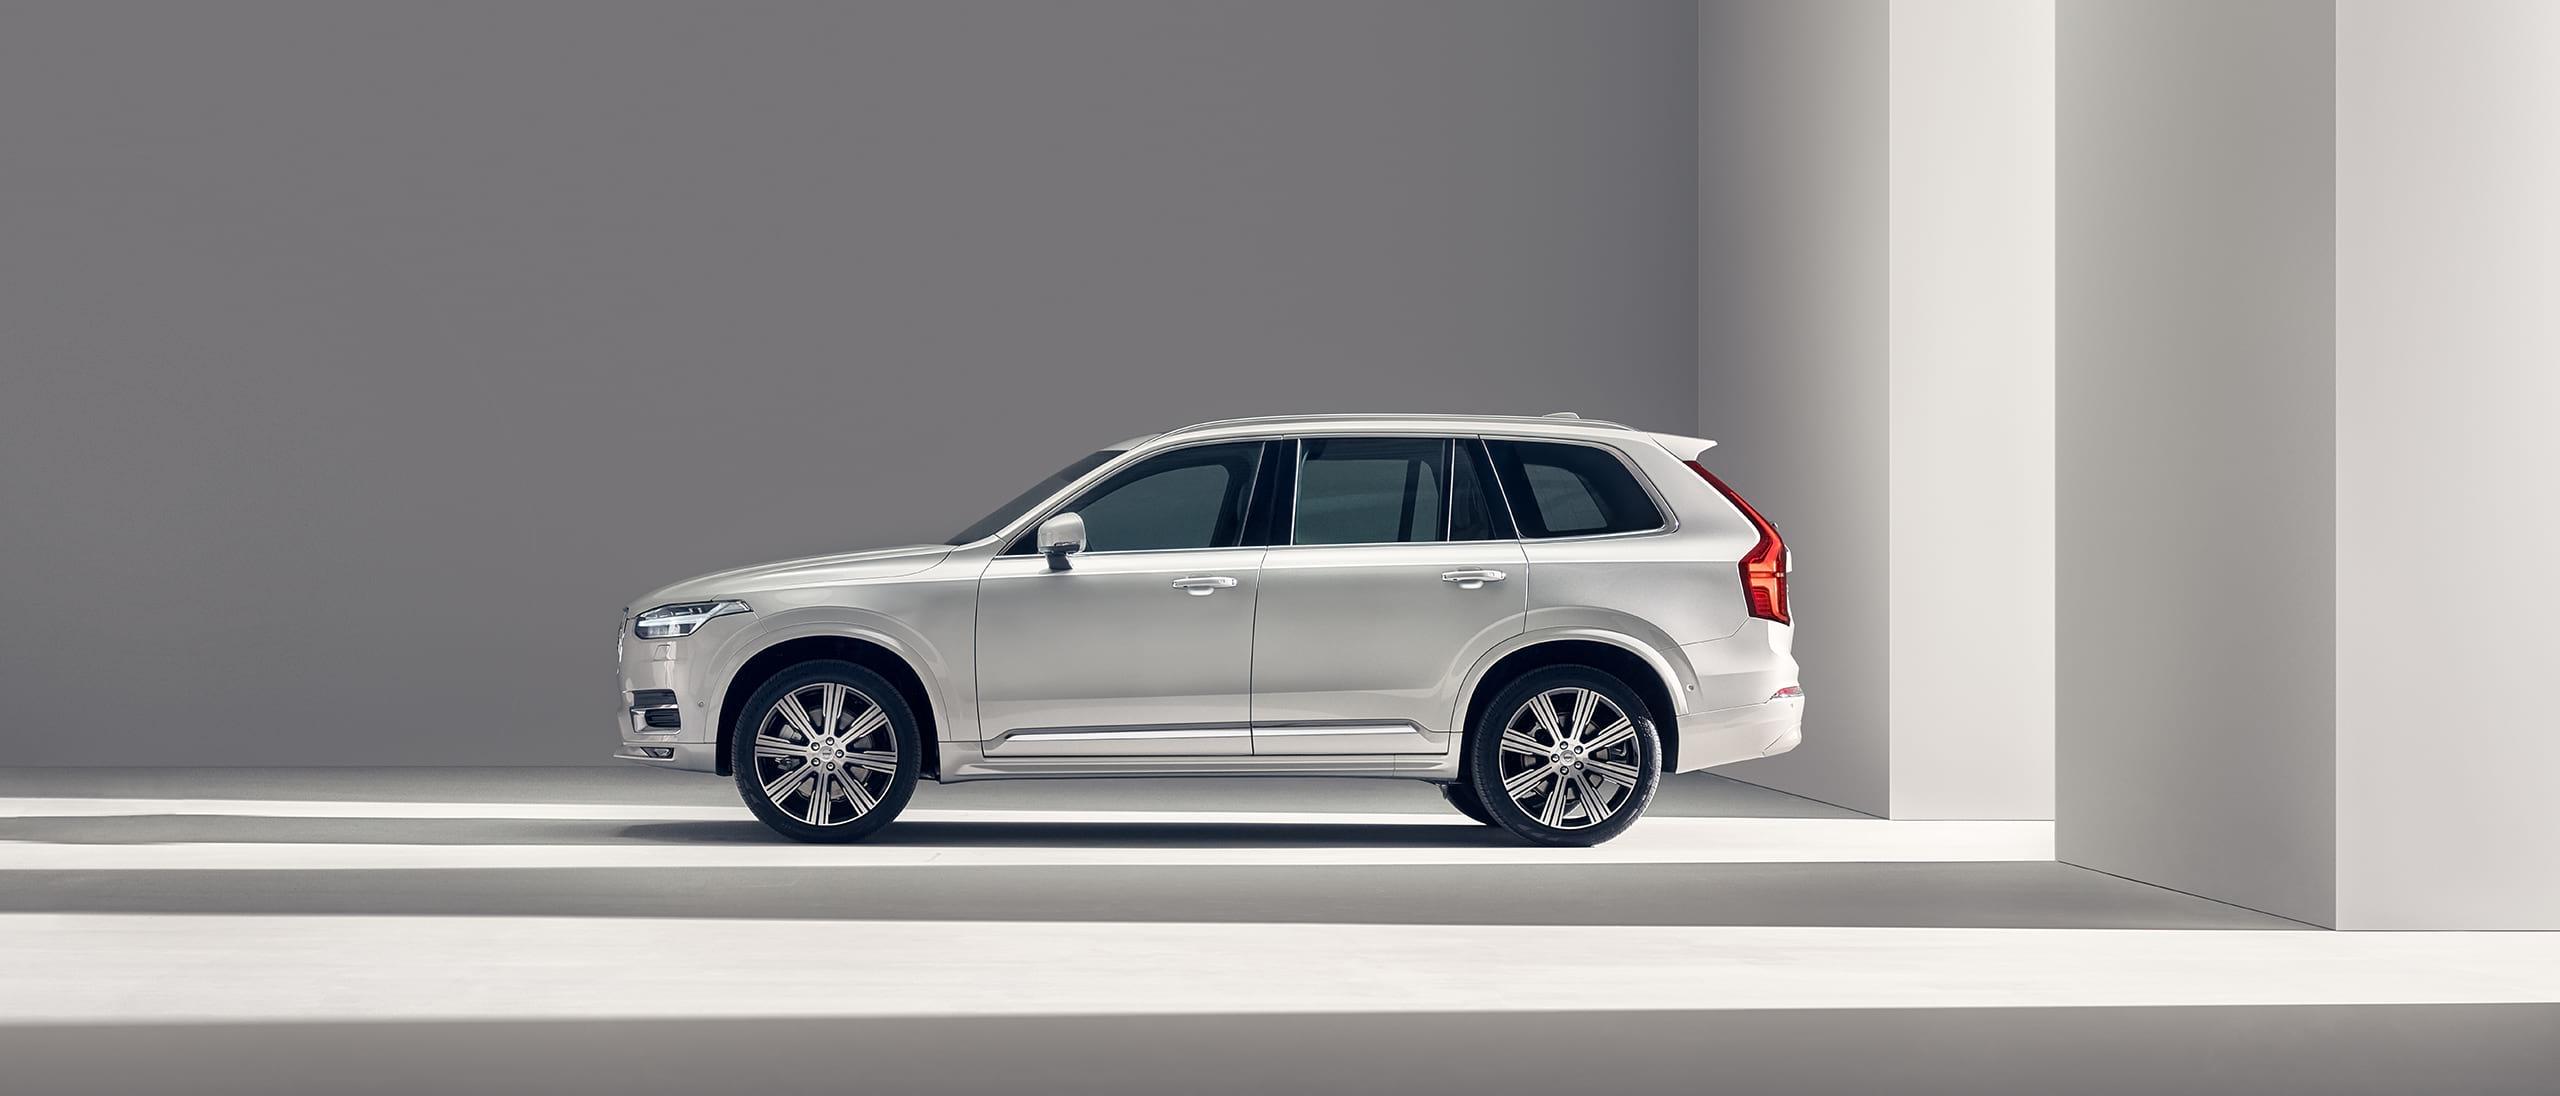 Volvo XC90 како стои неподвижно.